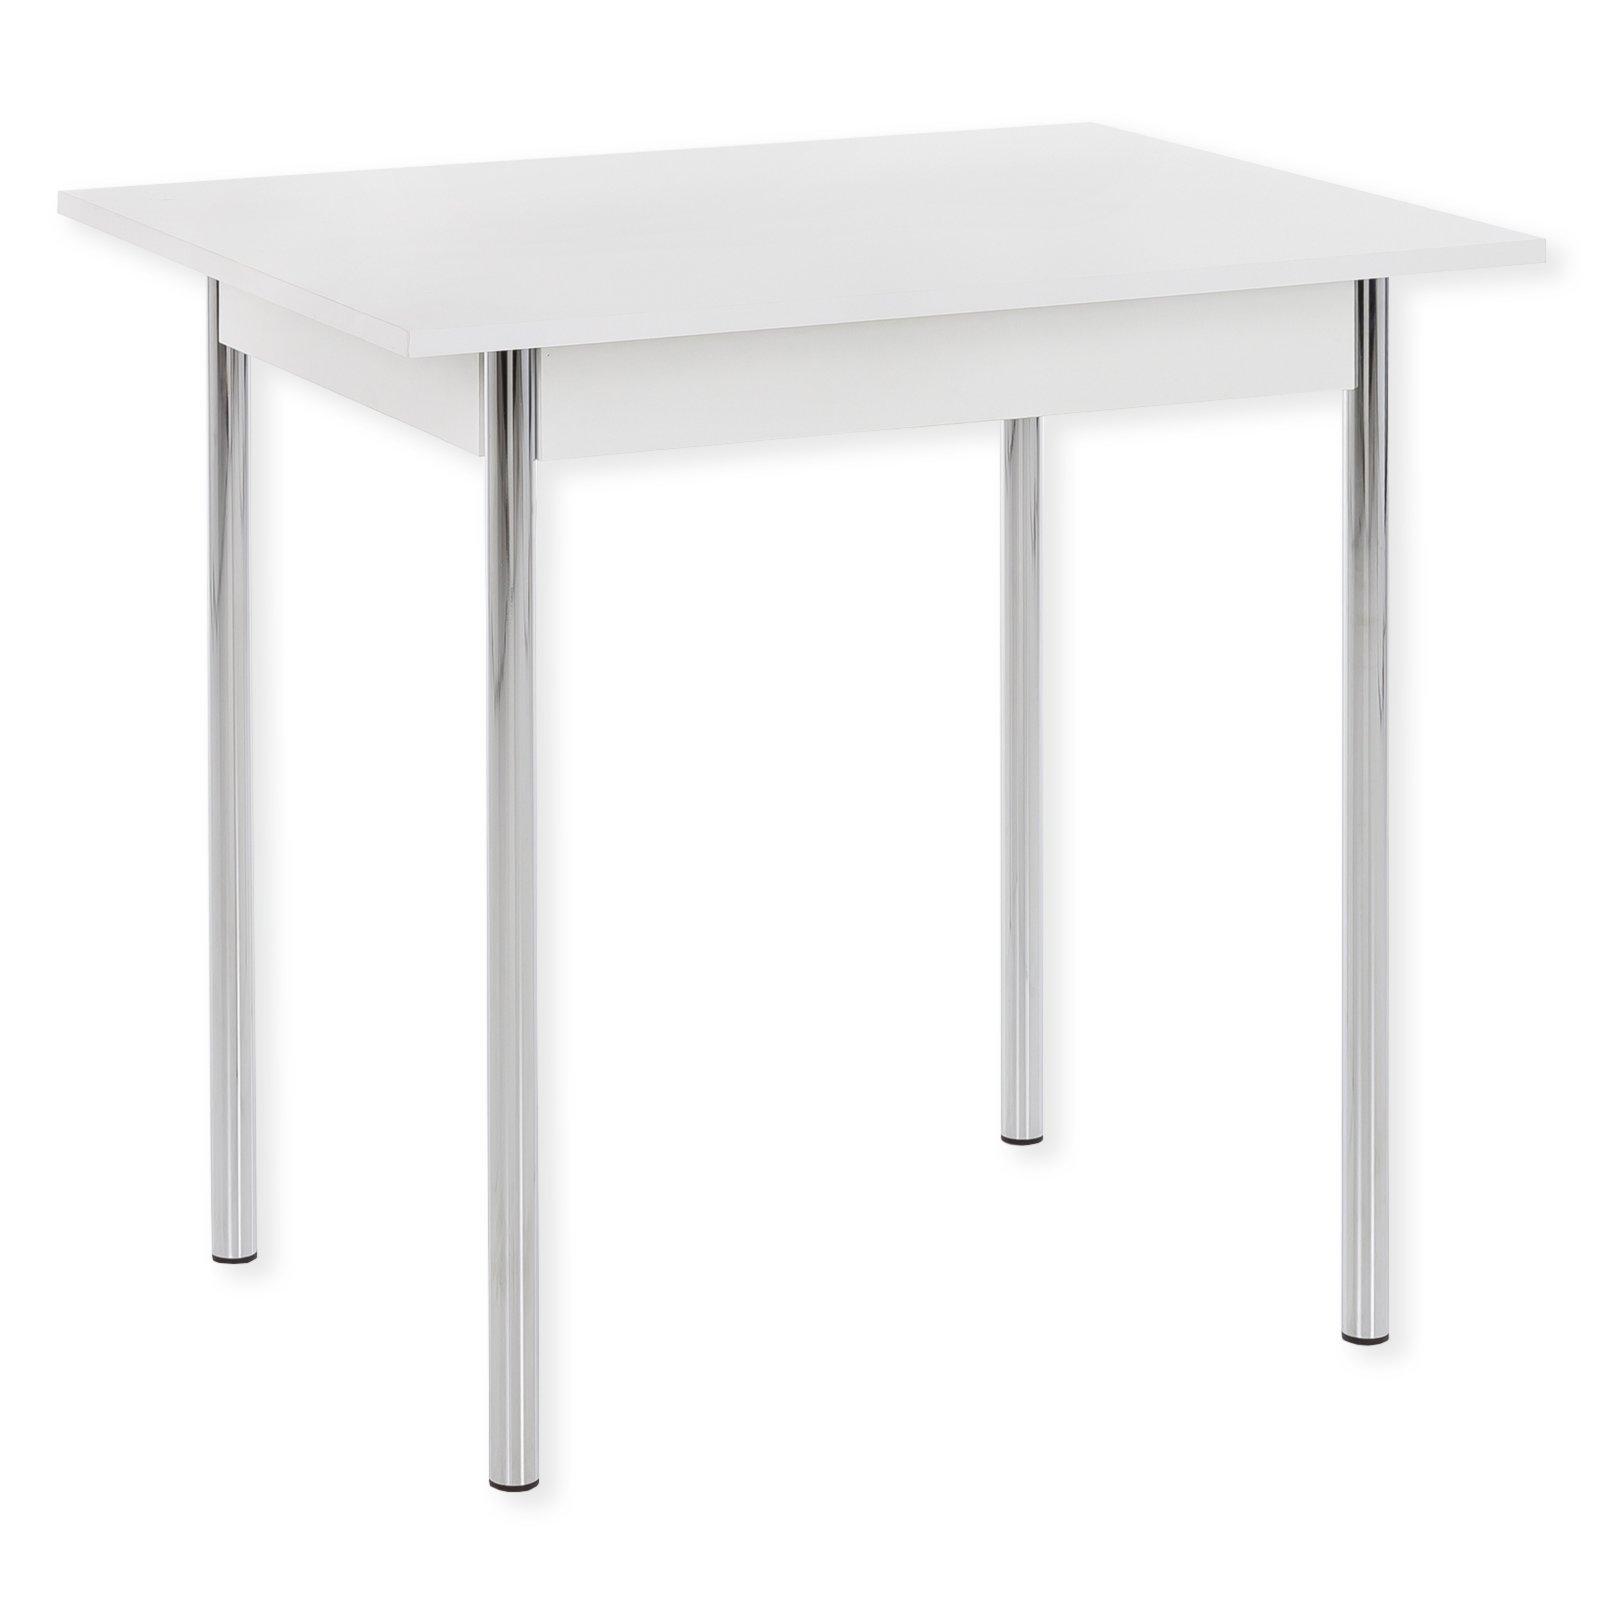 Küchentisch KÖLN 1 - weiß - Metall - 90x76 cm | Esstische | Sitzen ...